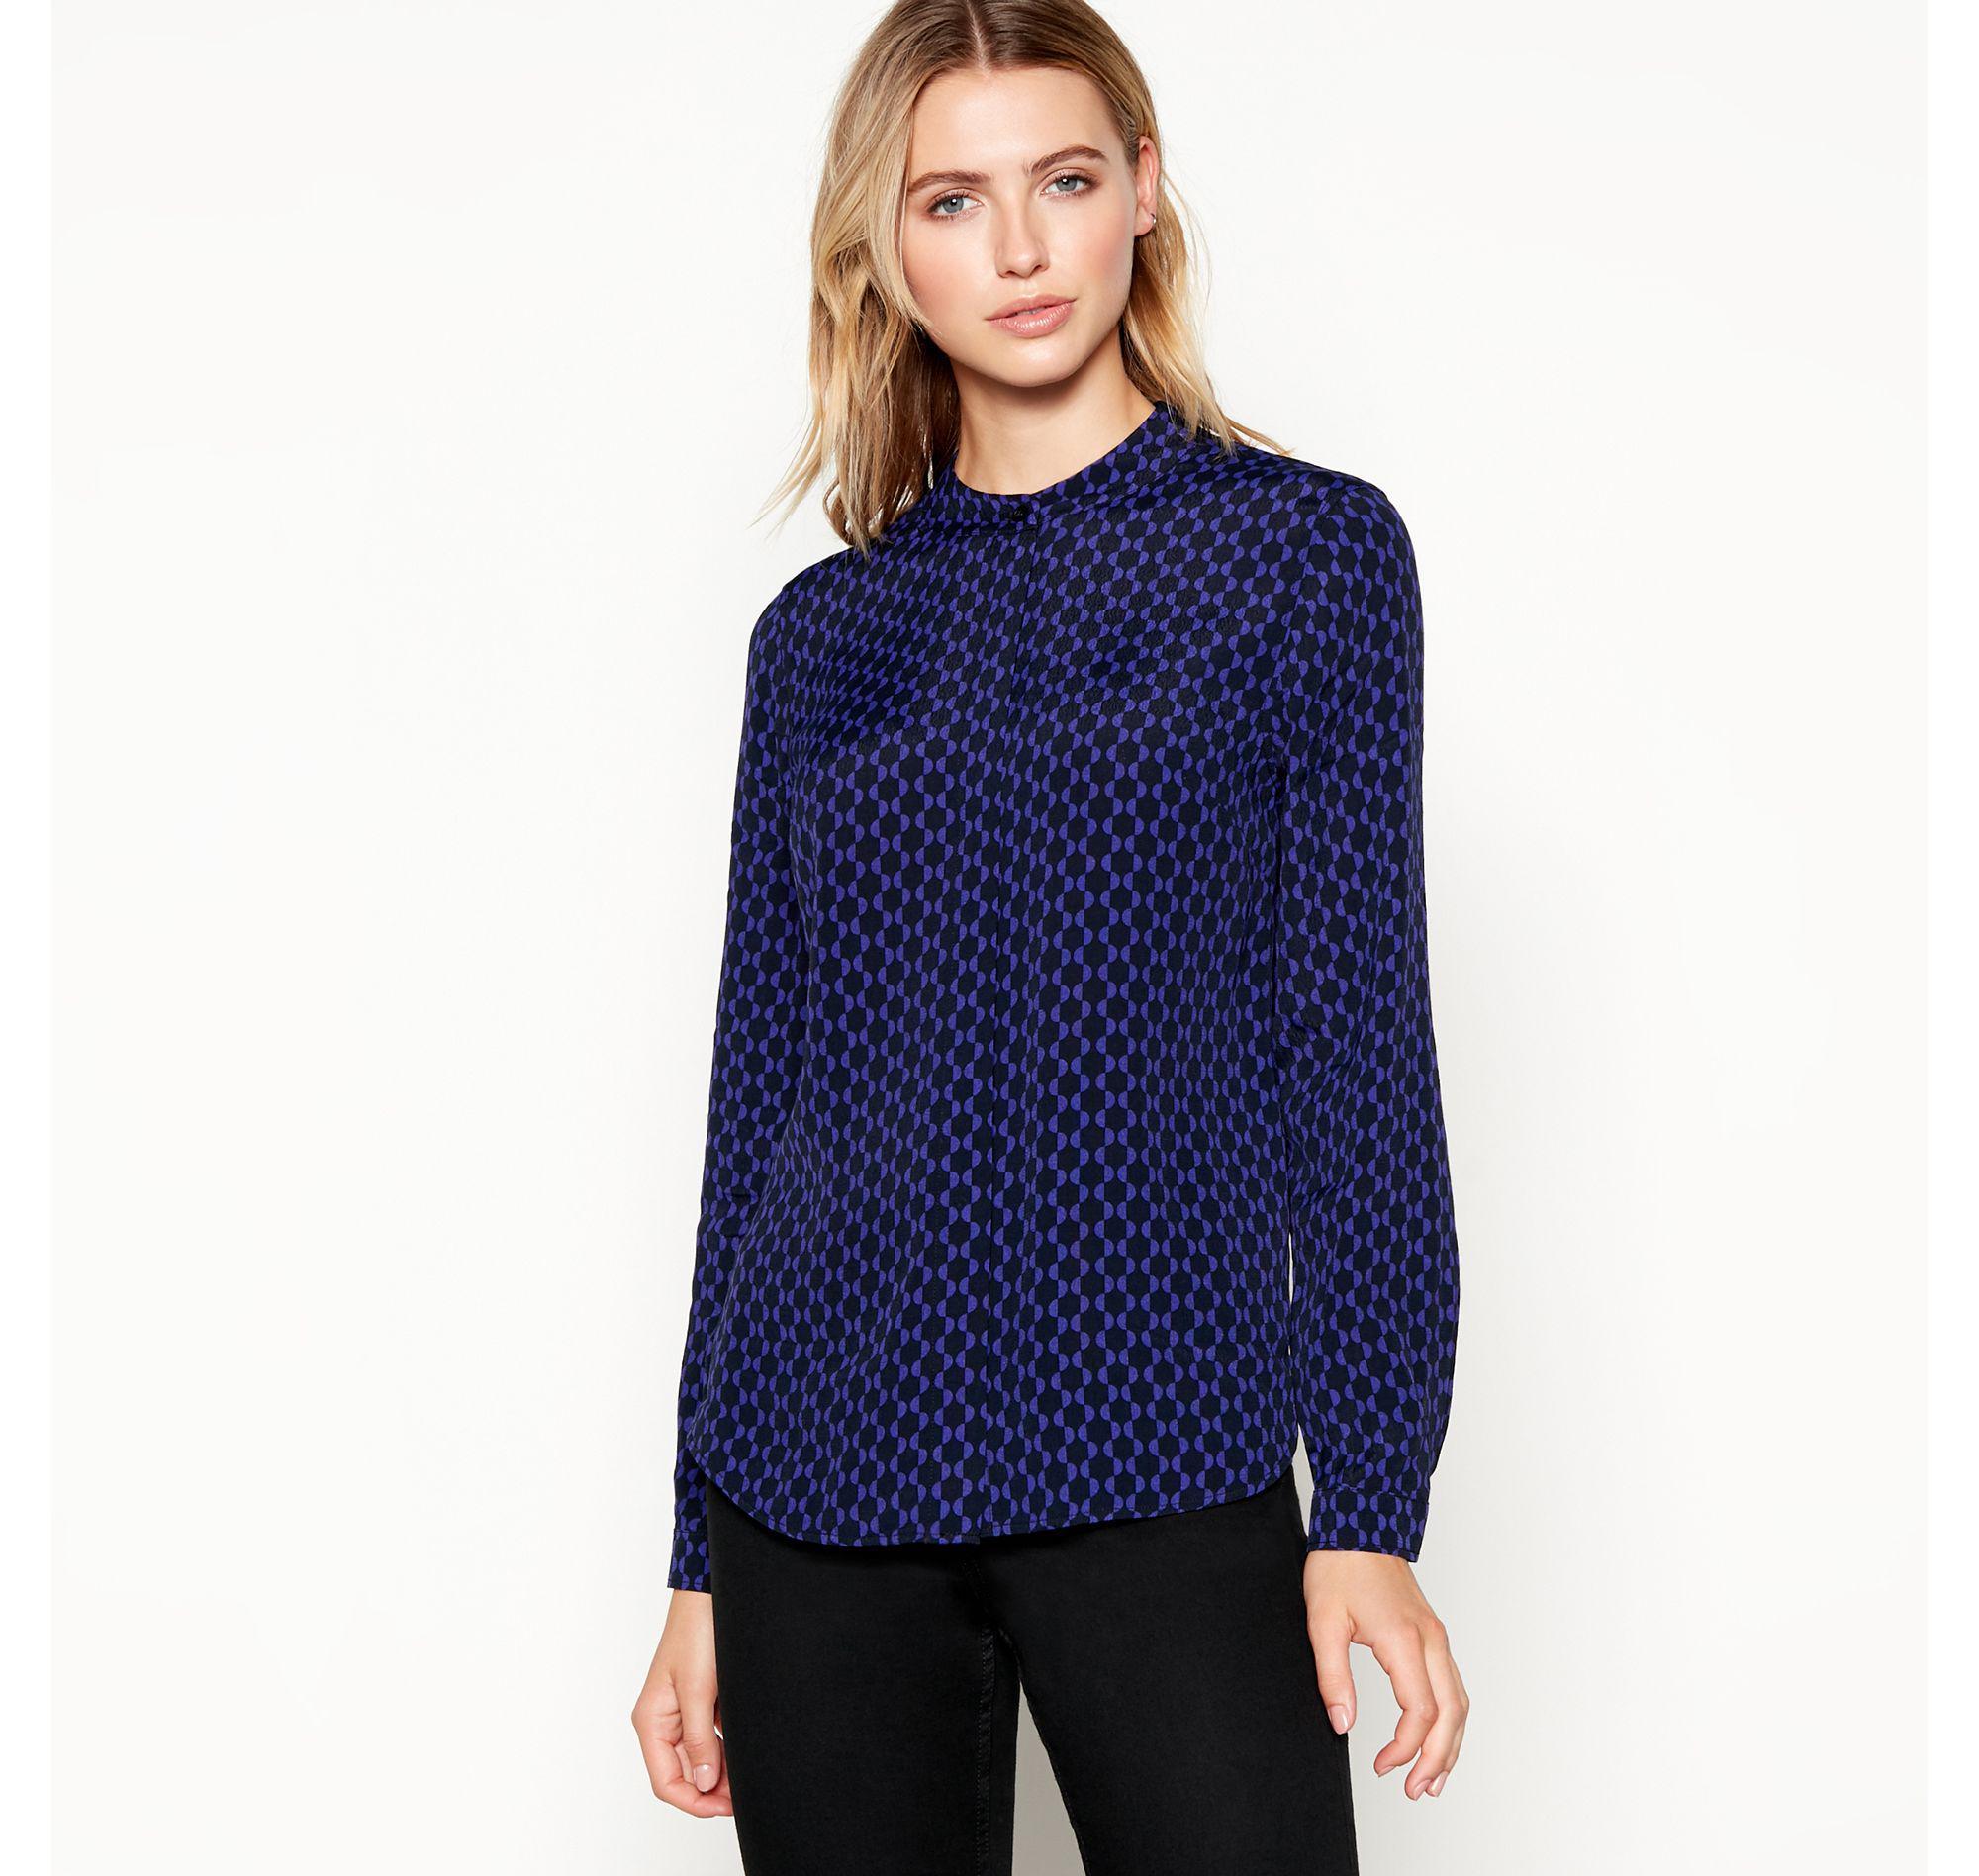 698e5898ffa656 J By Jasper Conran Black Spot Print Shirt in Purple - Lyst